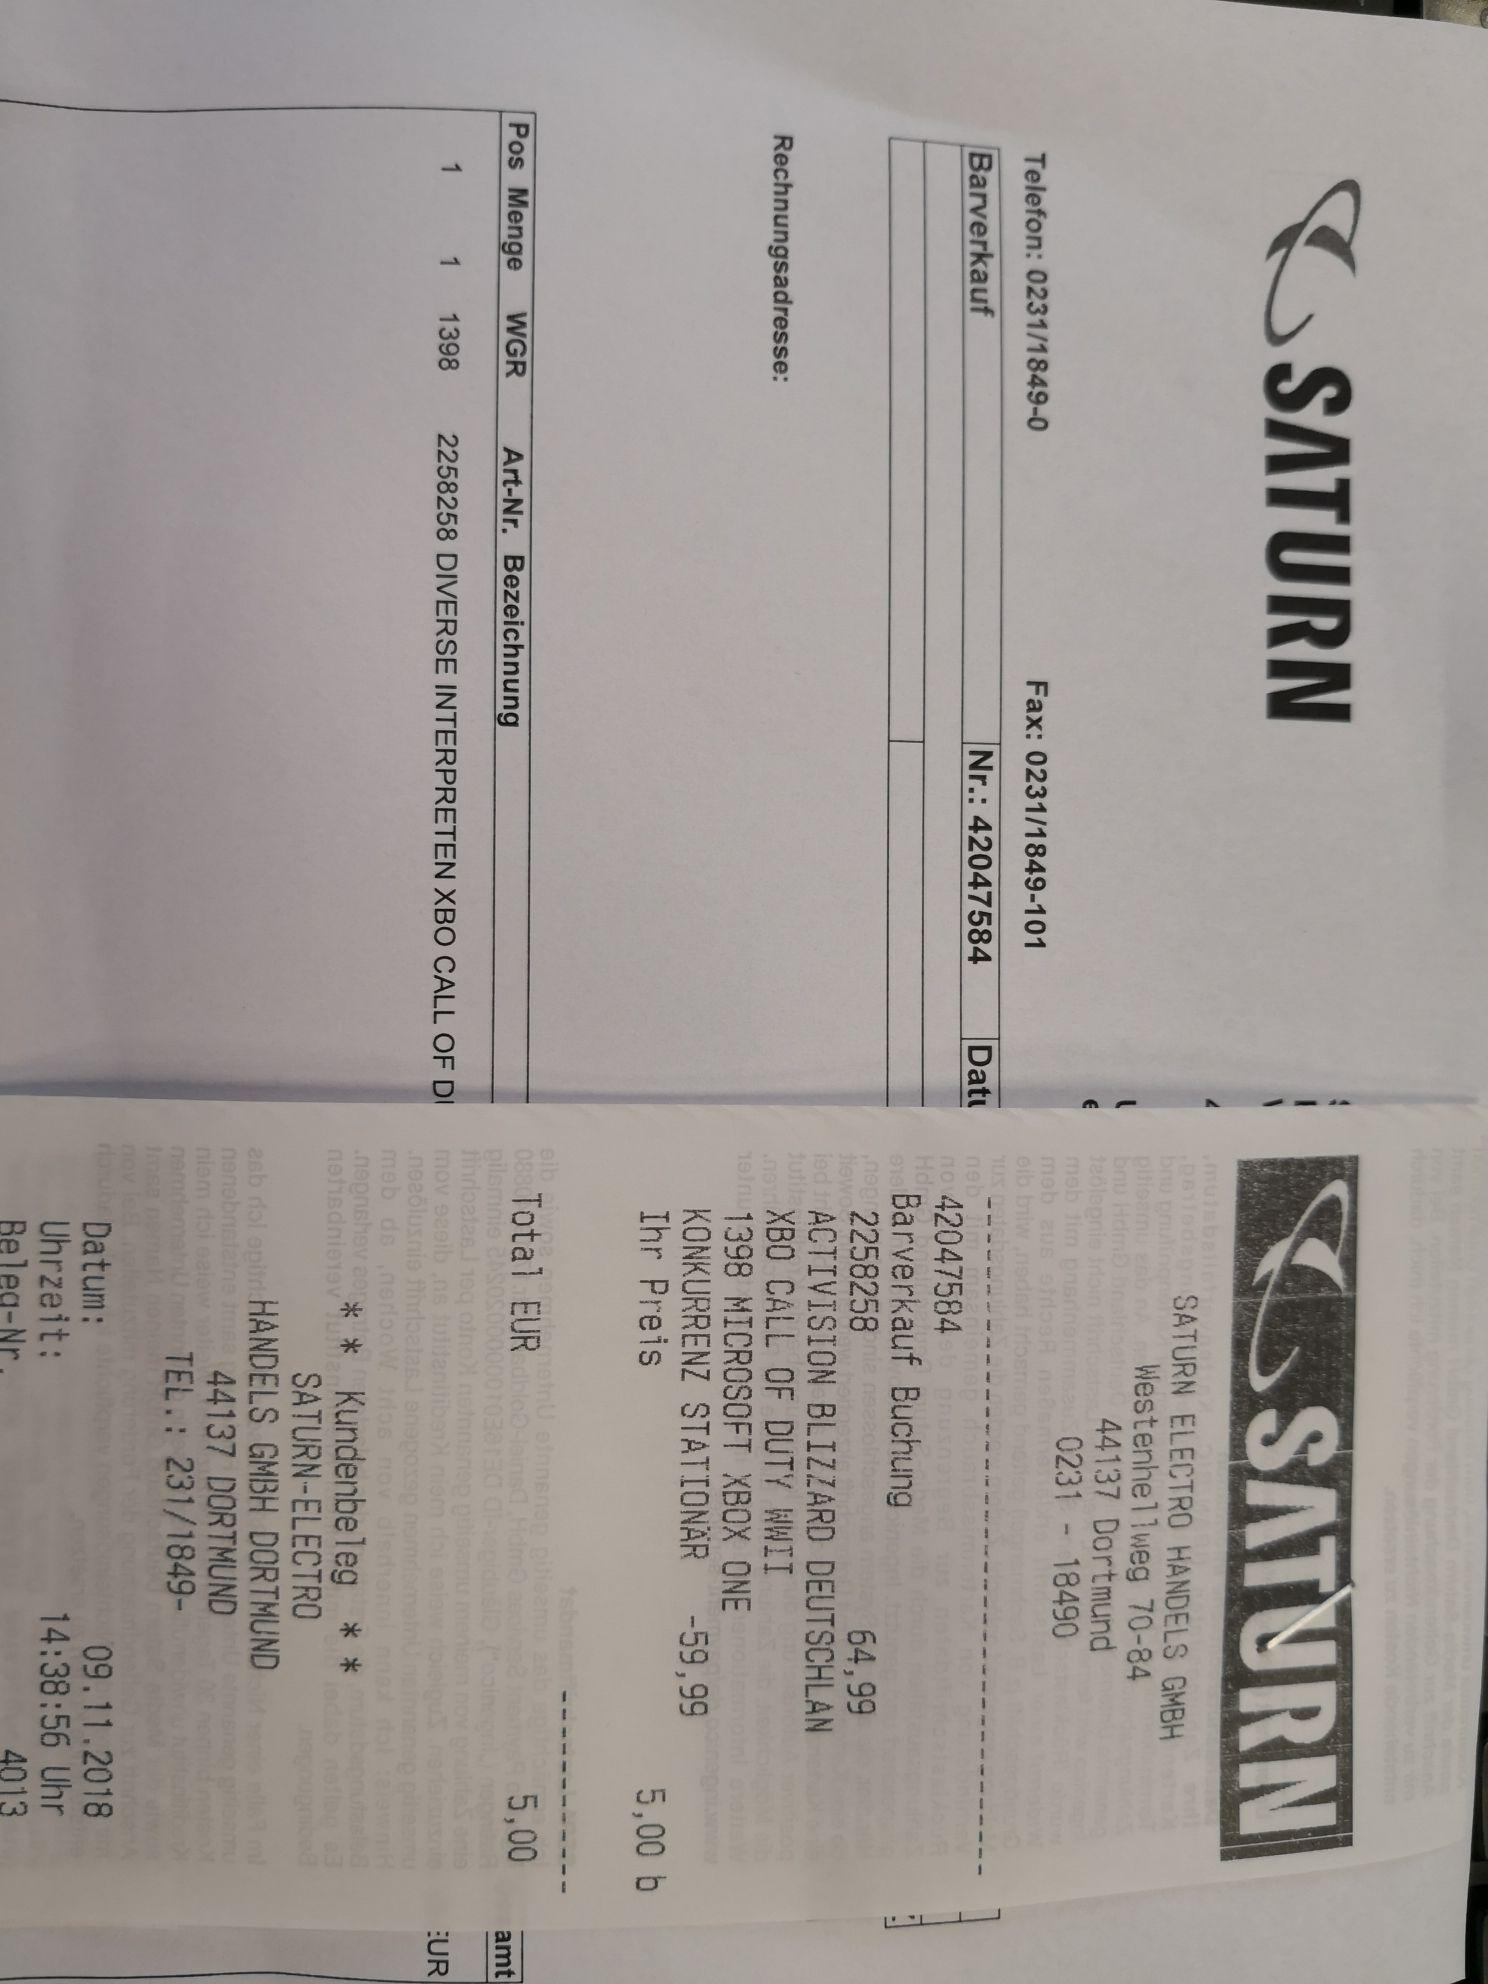 Lokal Saturn Dortmund Call of Duty WW2